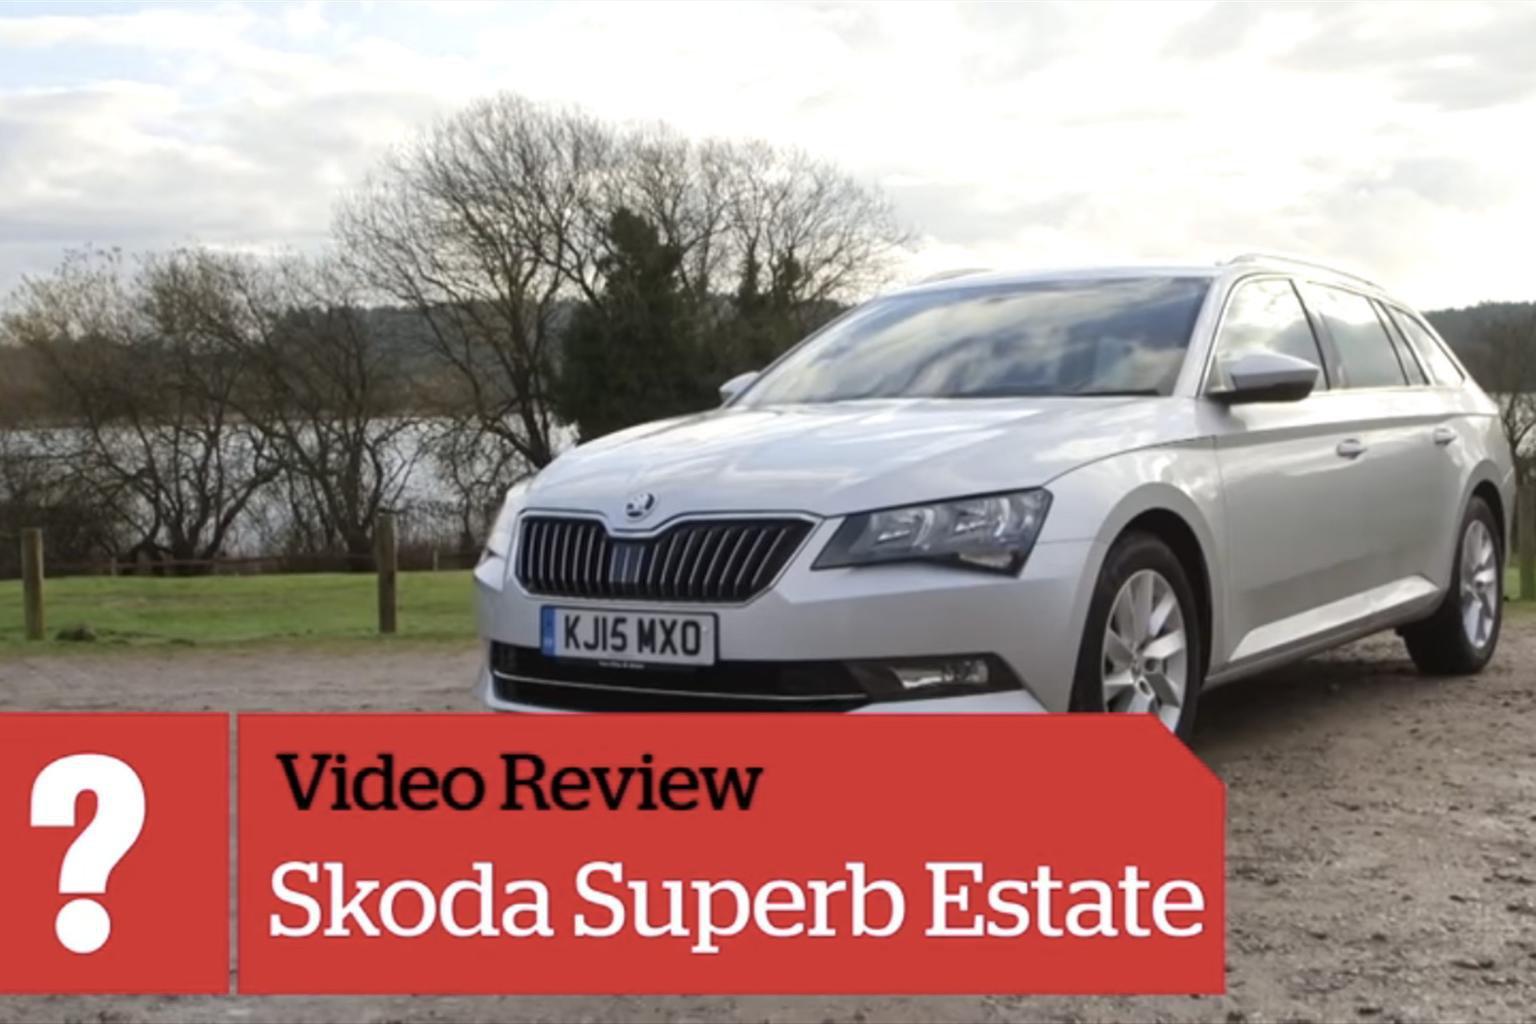 Skoda Superb video reviews